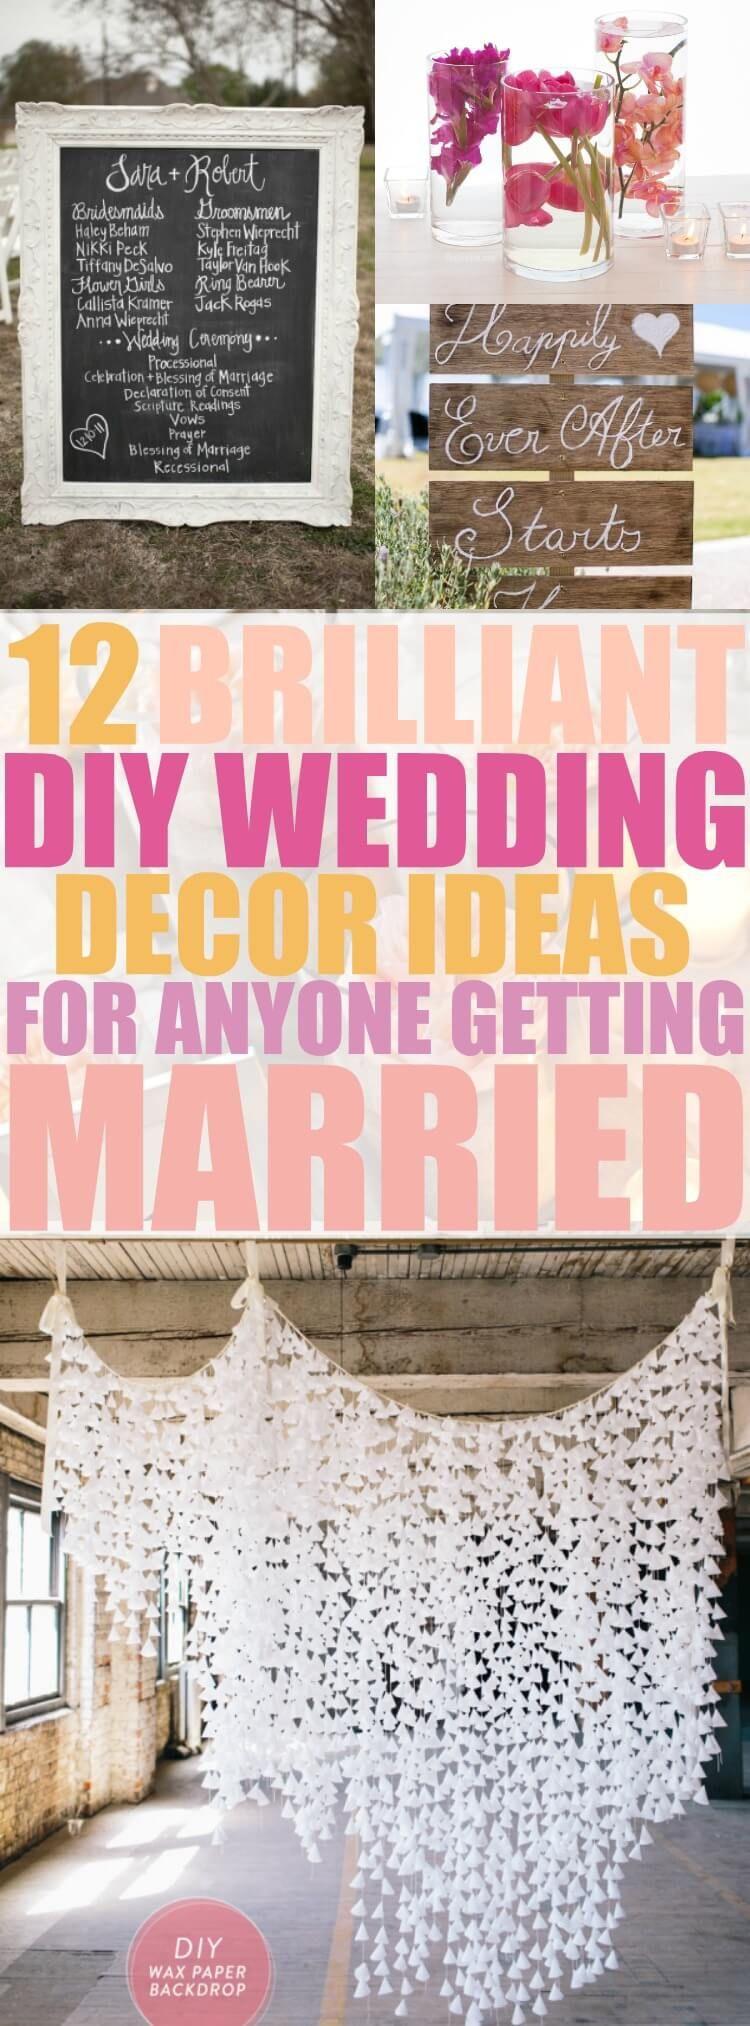 12 DIY Wedding Decor Ideas That Are Beyond Easy | DIY wedding ...